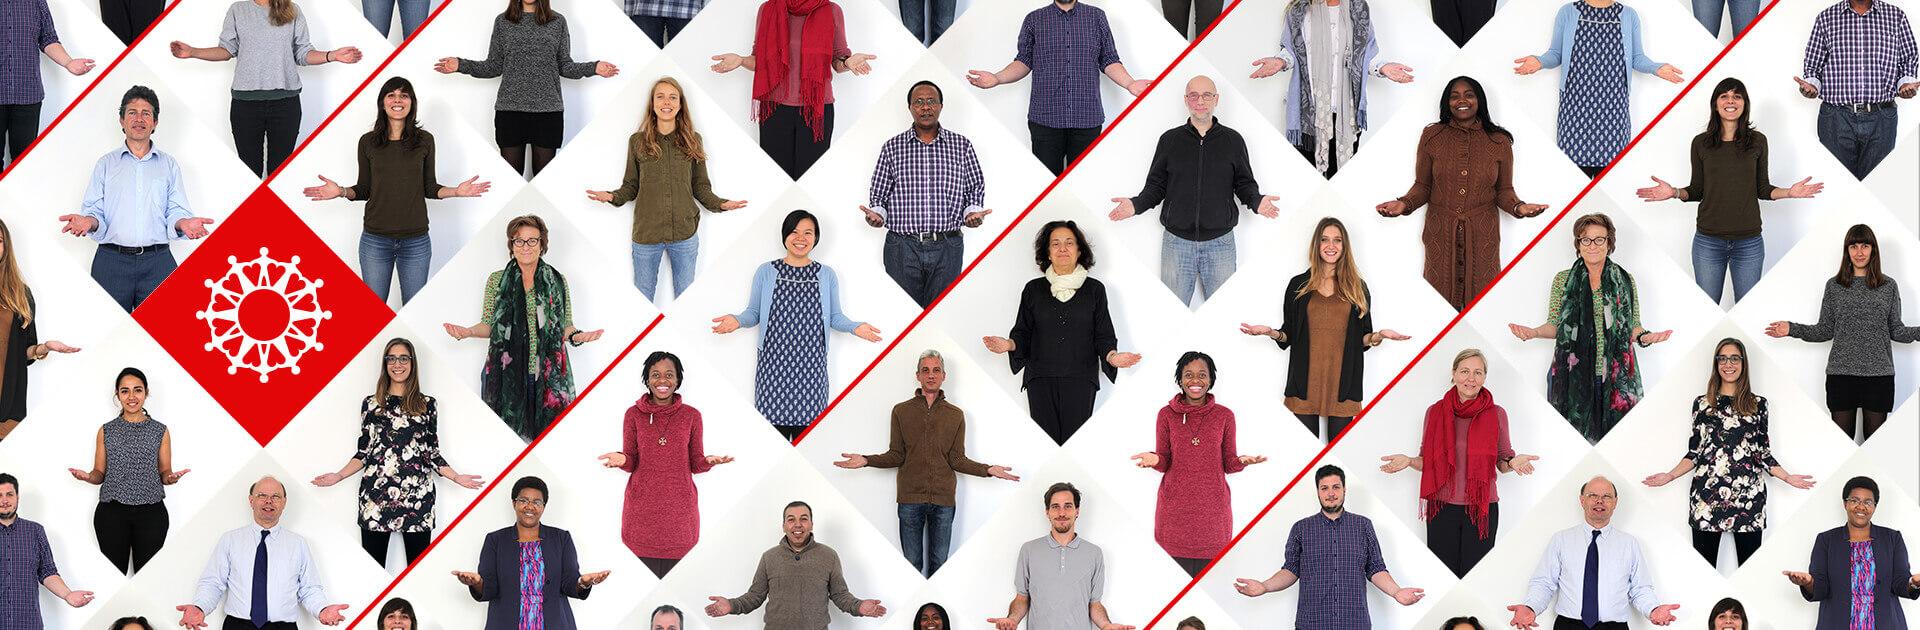 Caritas International Belgique Partager le chemin #ShareJourney